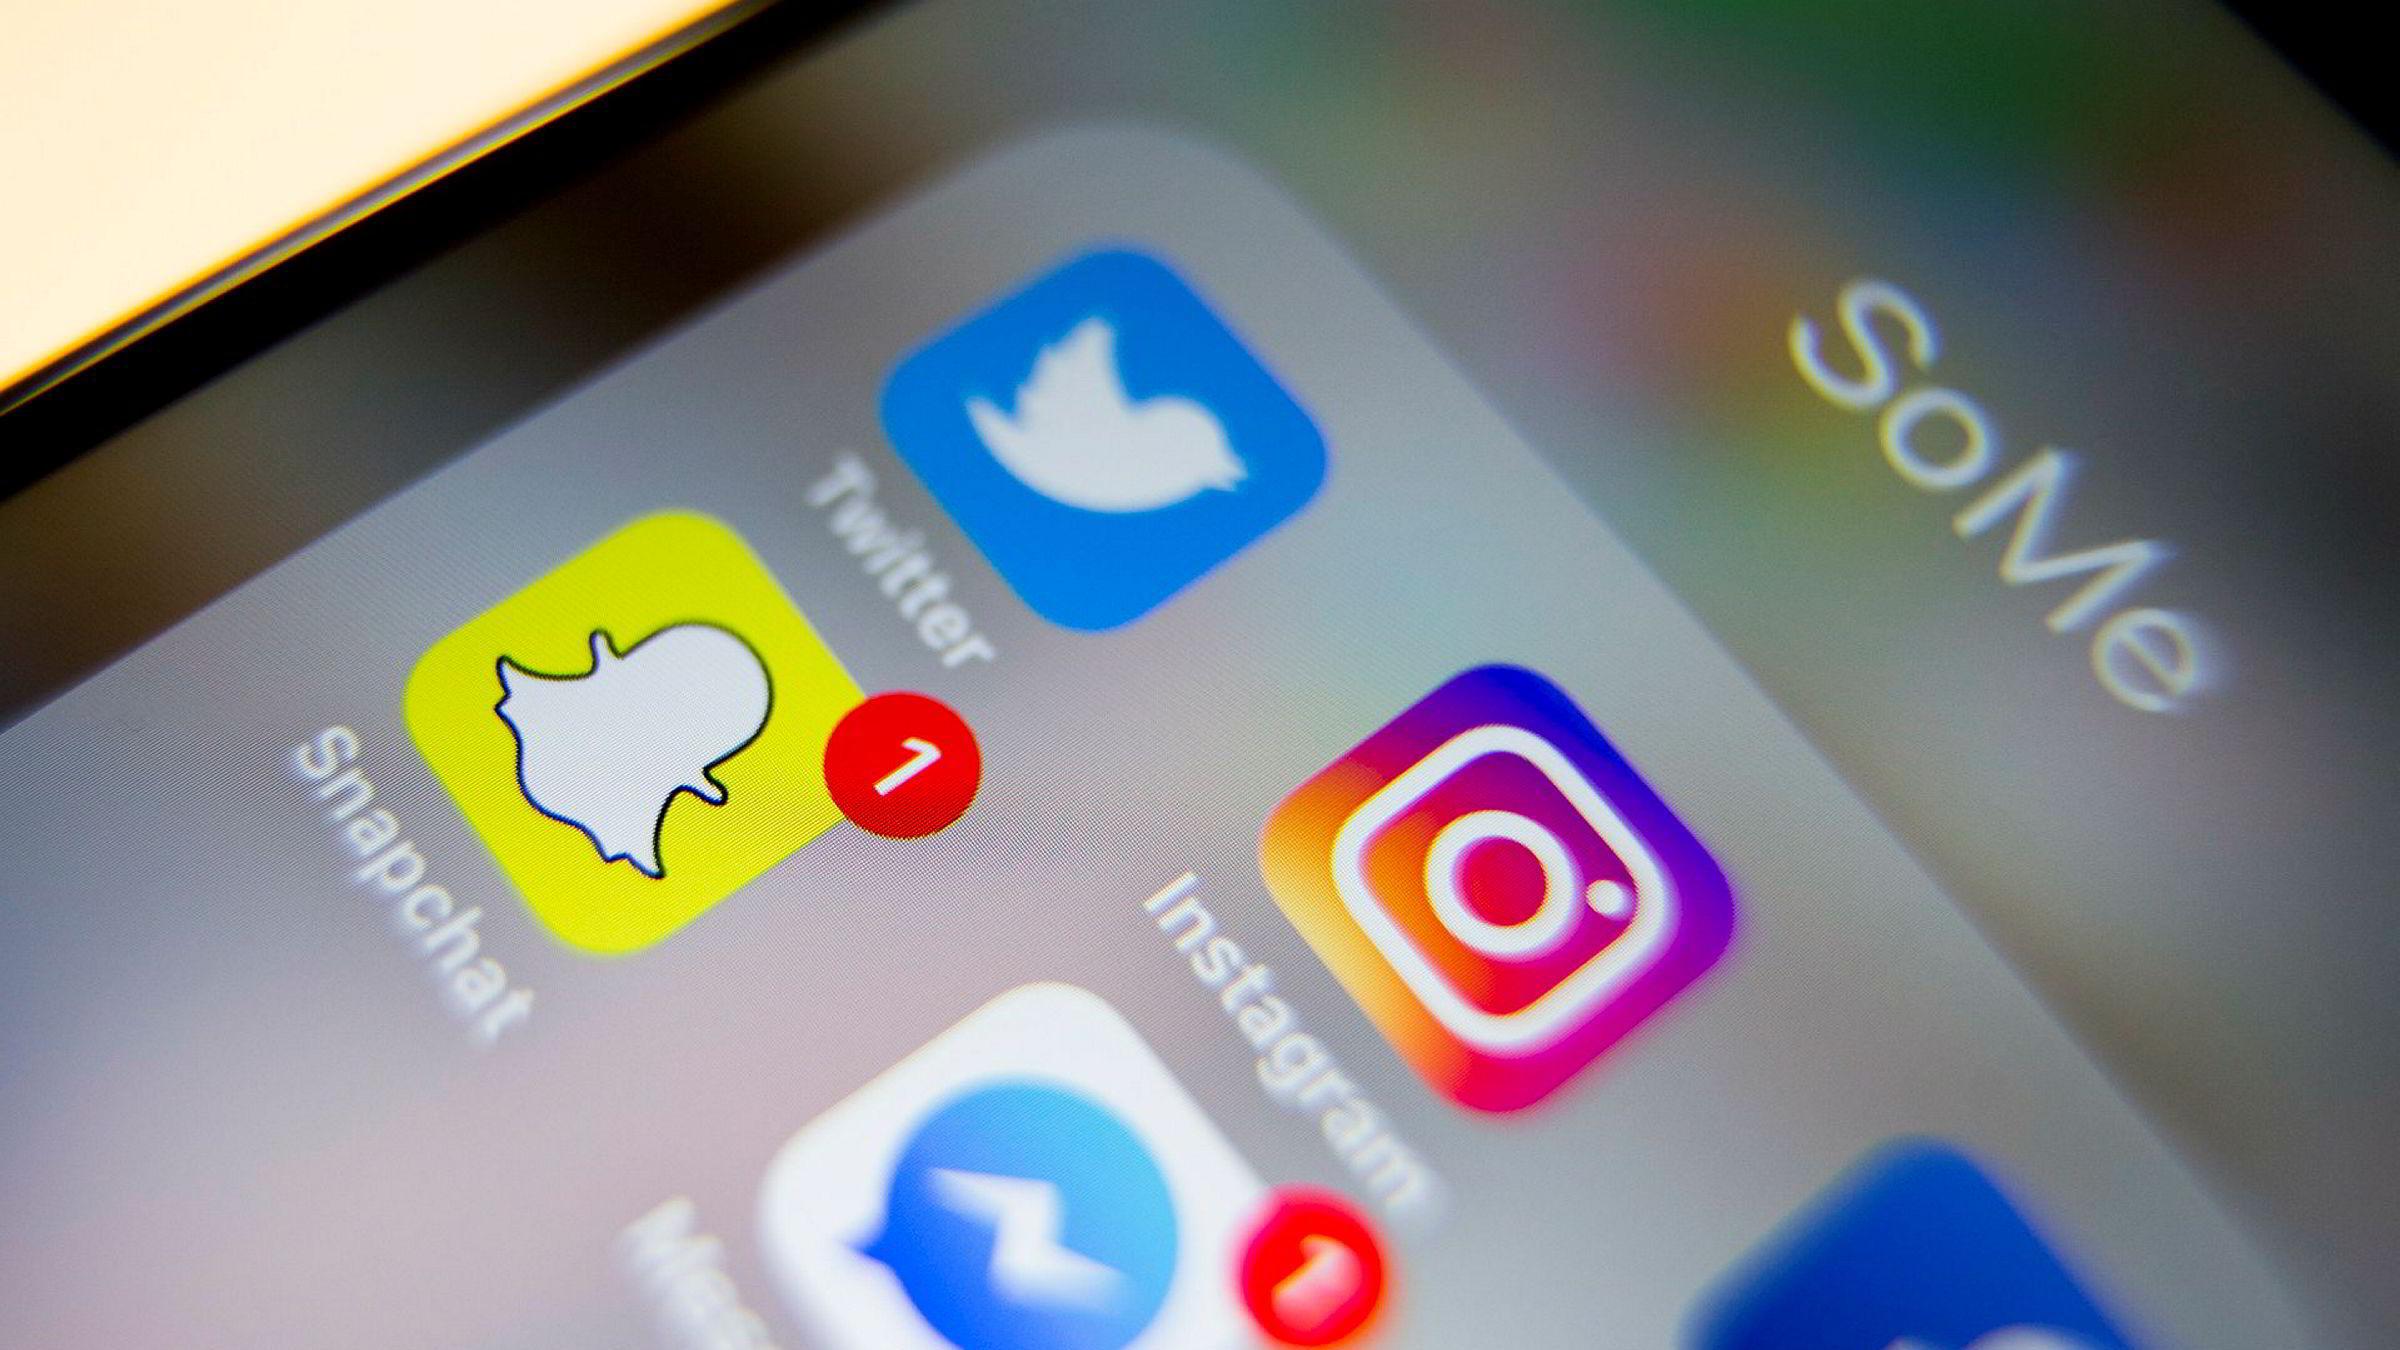 Forbrukertilsynet har i senere tid tatt opp sak med flere annonsører som blir markedsført i sosiale medier uten at det er tydelig for leseren at det er snakk om reklame. De krever at annonsørene tar ansvar for egen reklame.